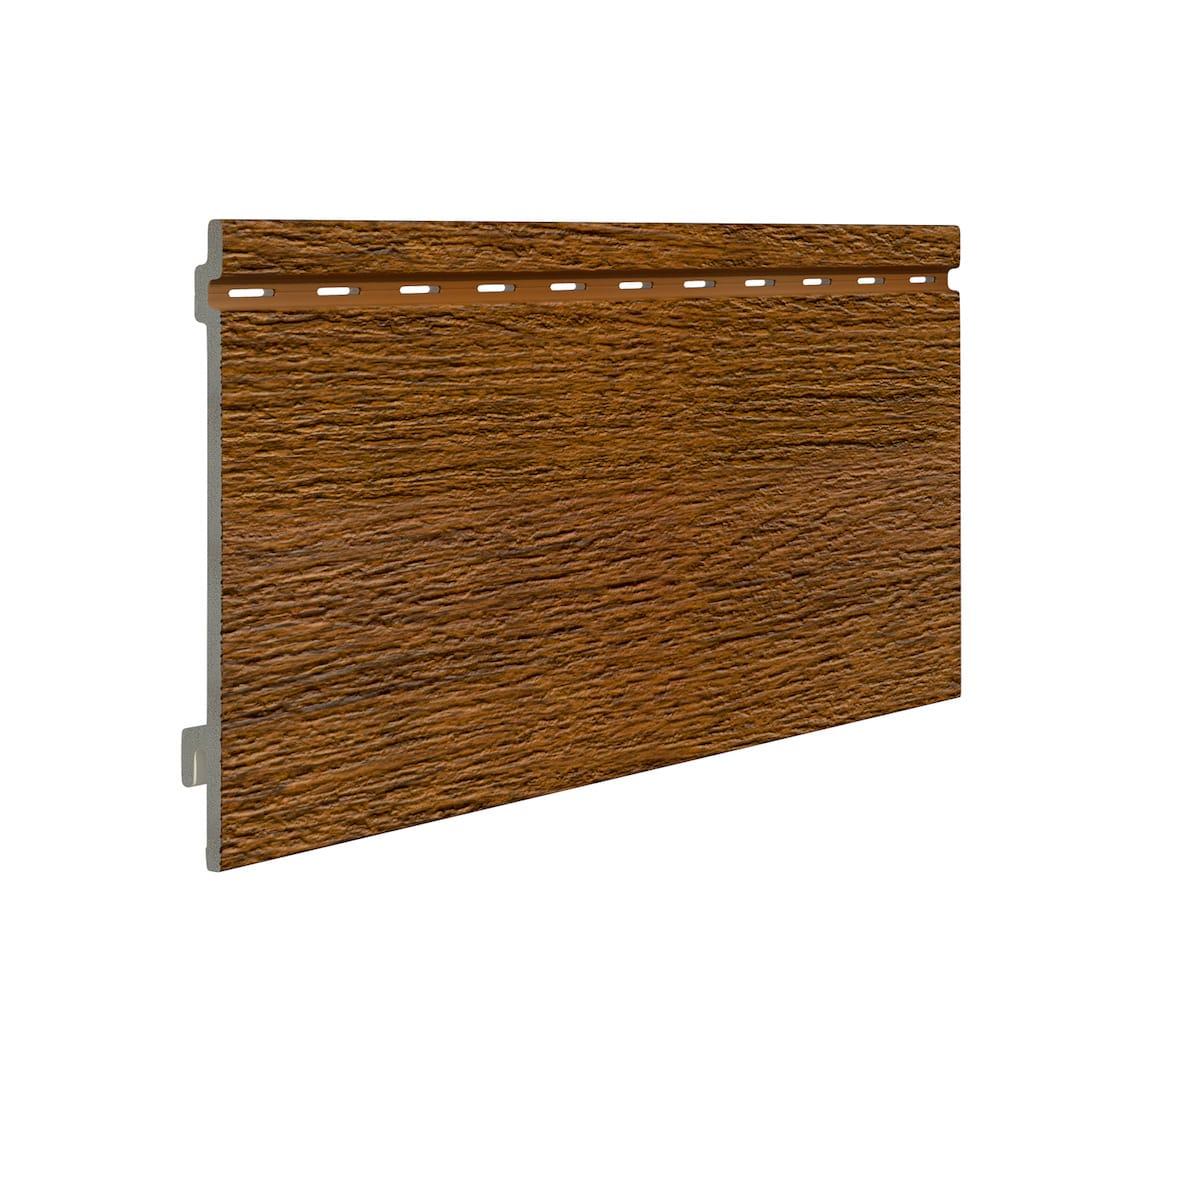 Pannello di rivestimento in schiuma di PVC effetto legno spazzolato